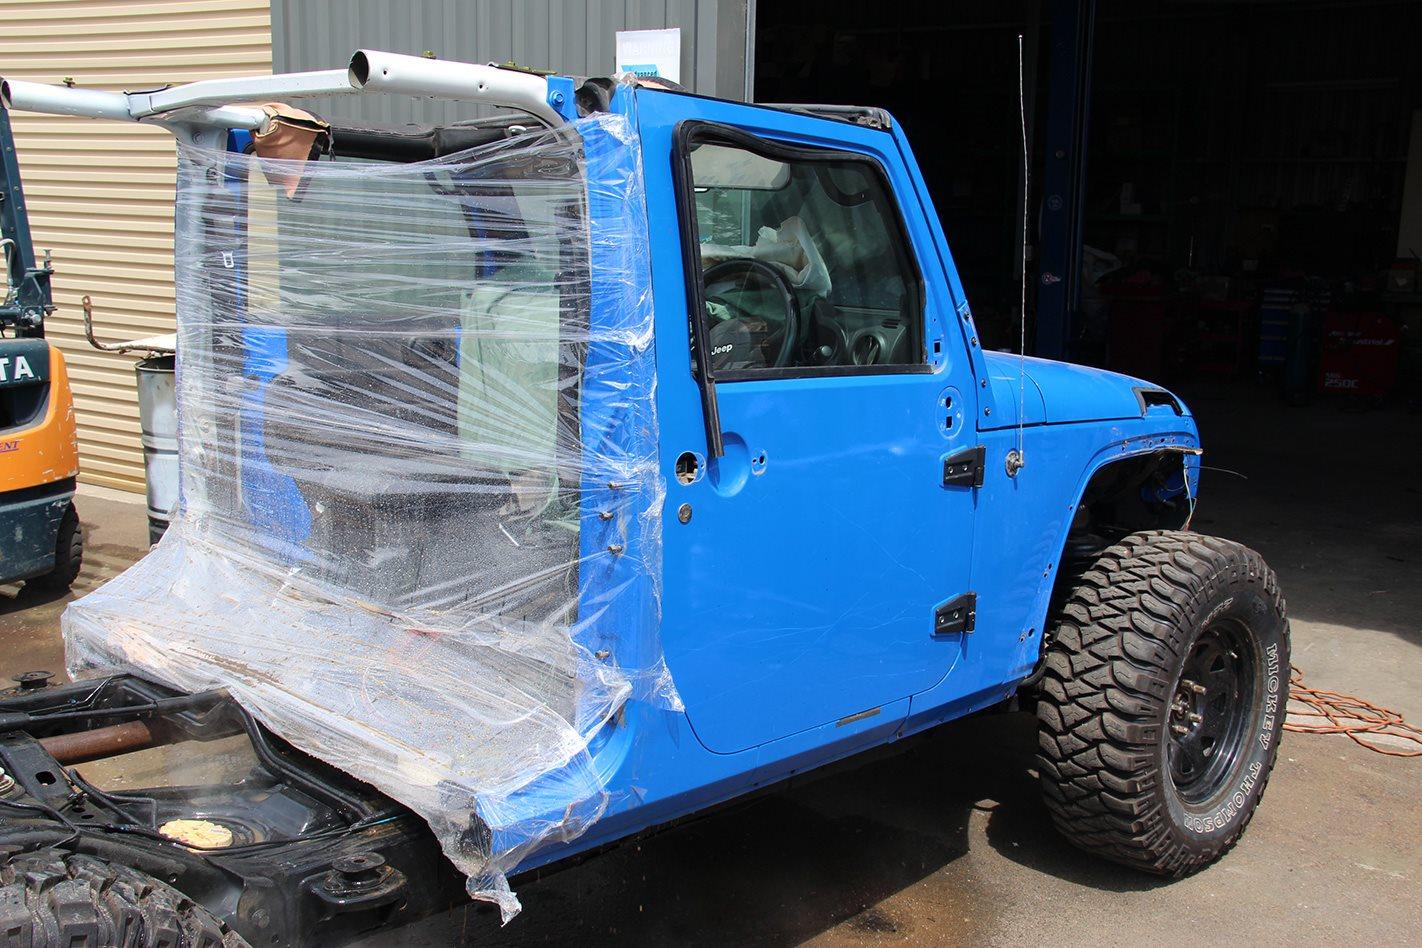 1960 Jeep JK Wrangler 715 replica build.jpg